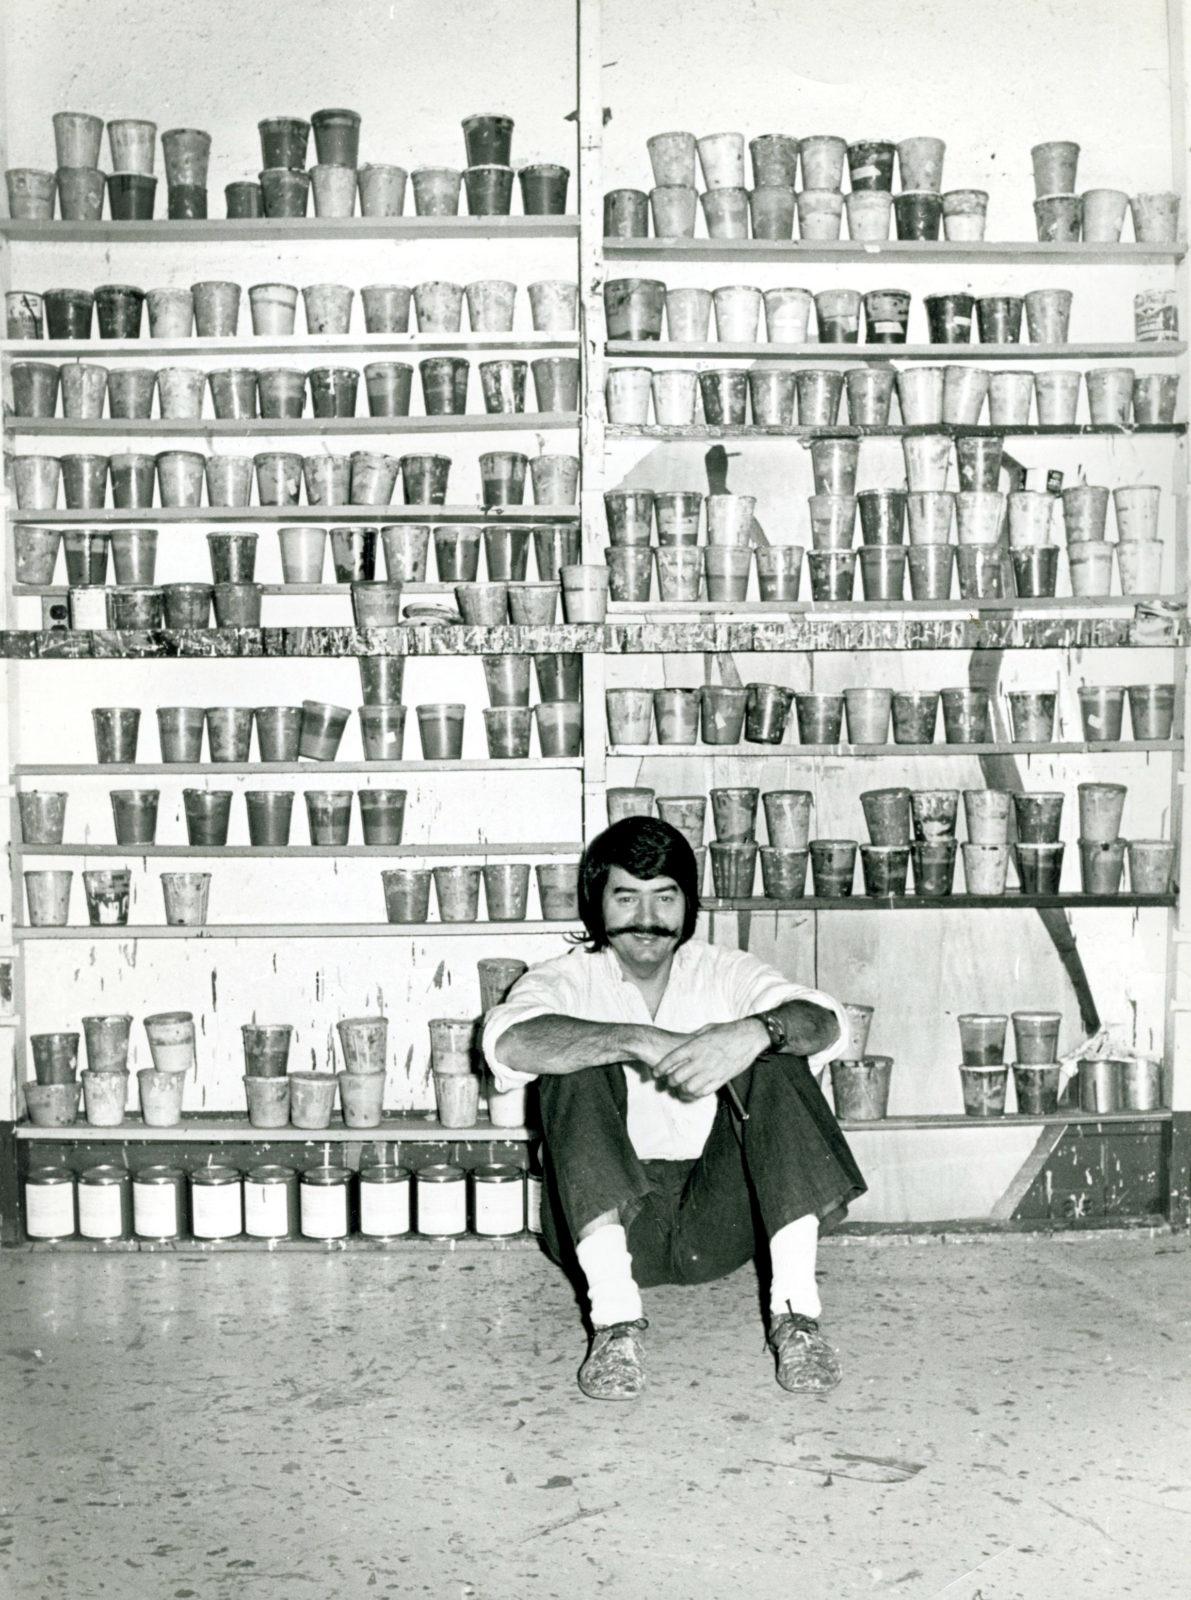 LeRoy Neiman in his studio in 1972